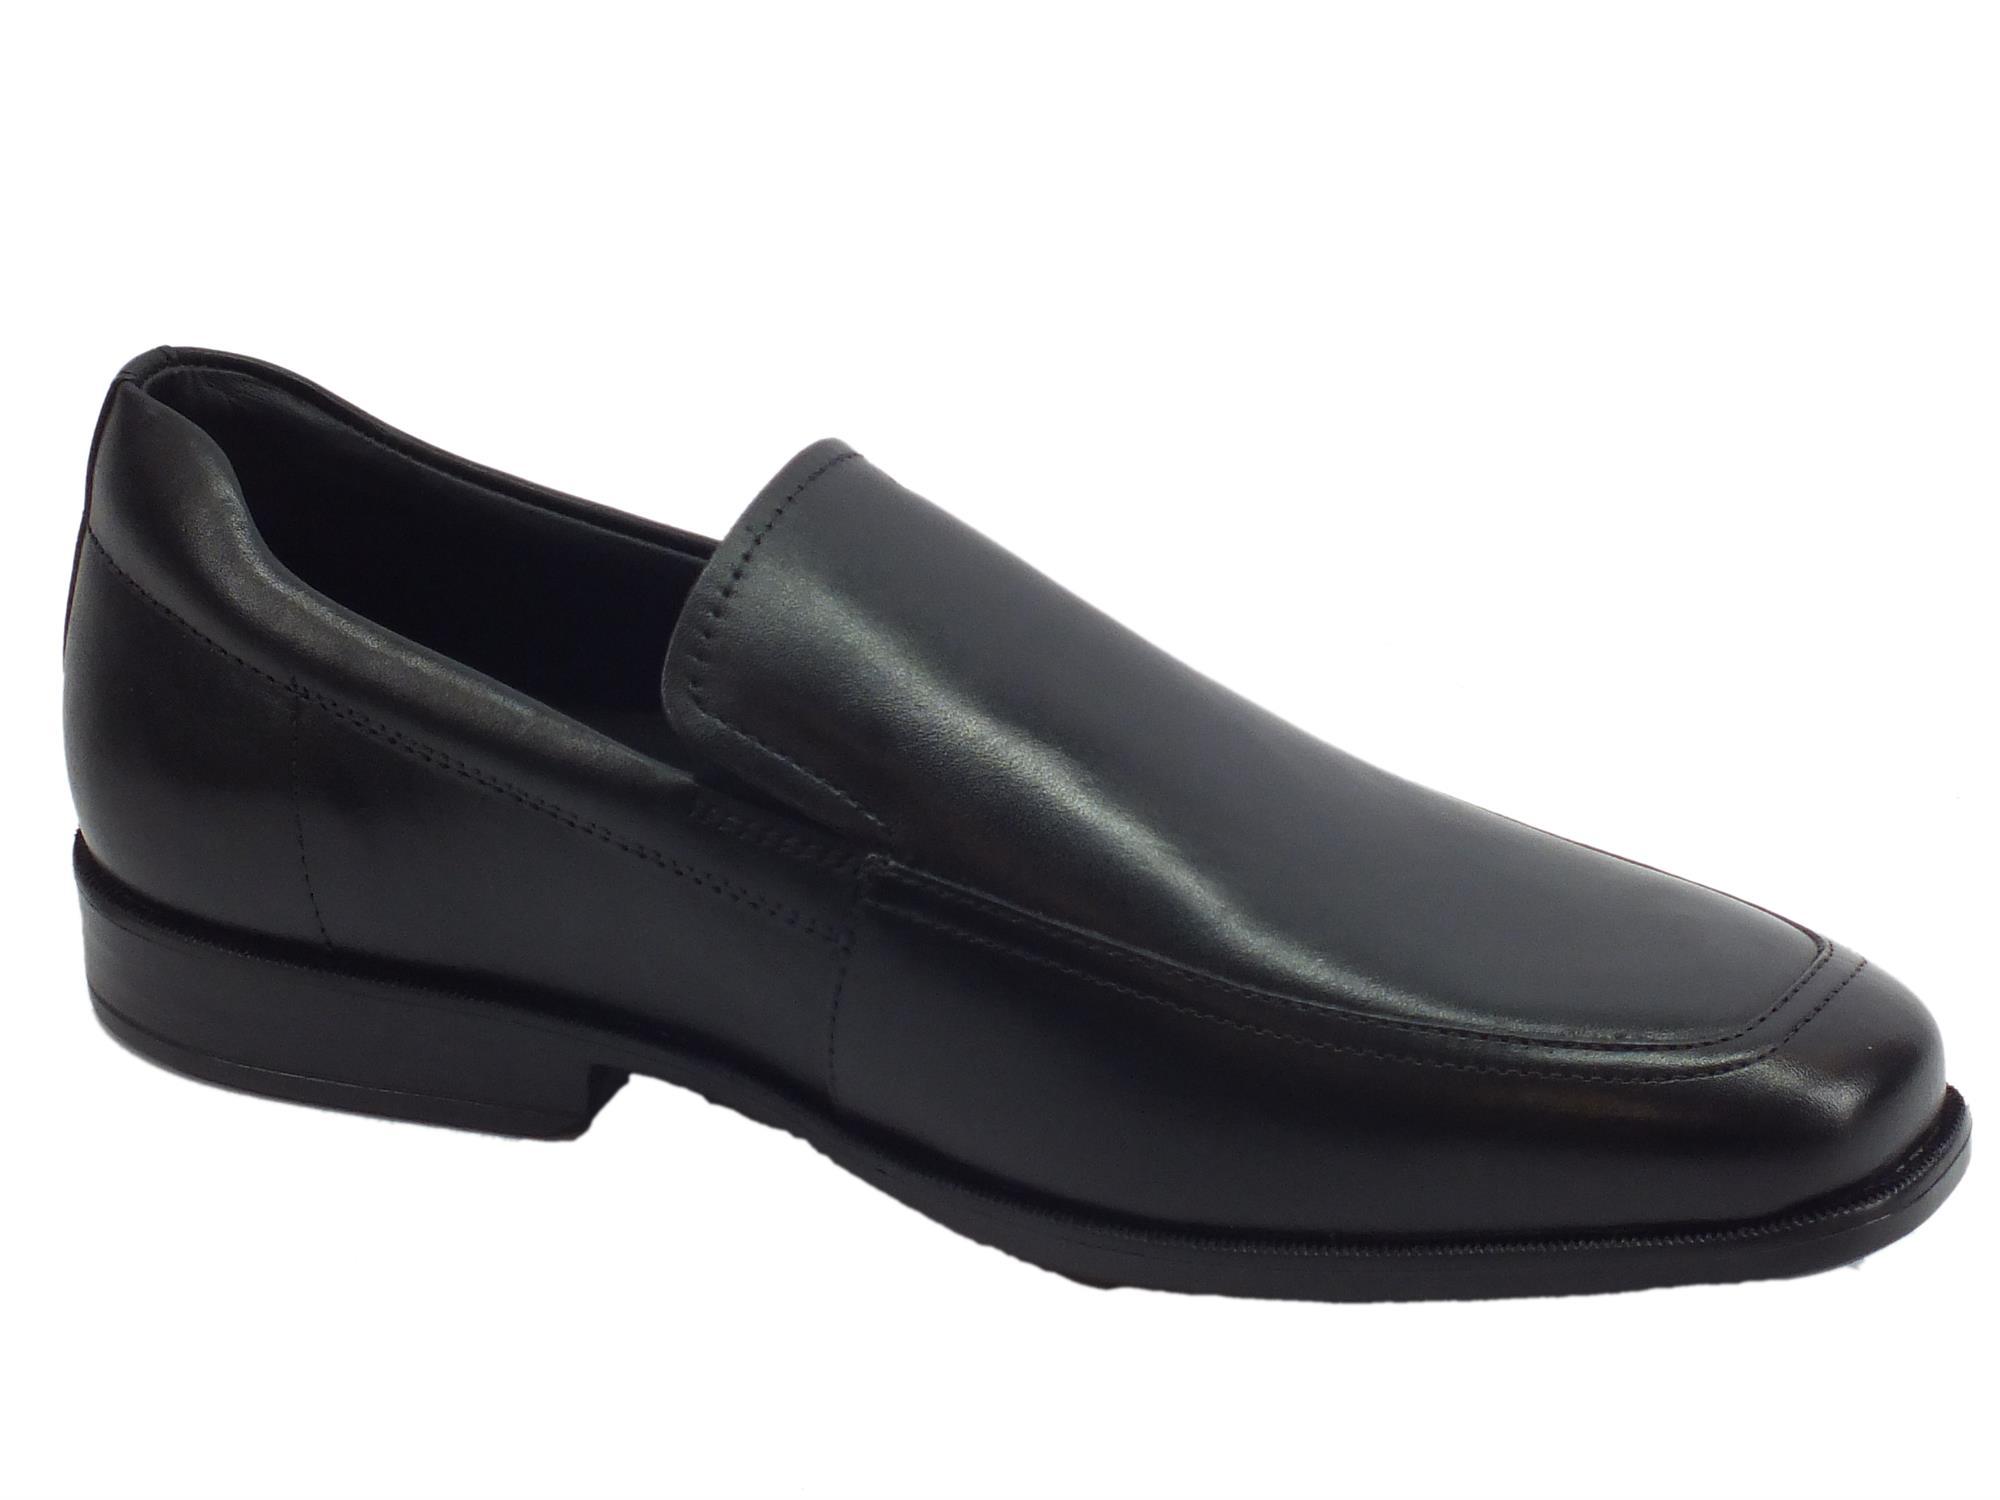 Geox U Calgary mocassini classici ed eleganti per uomo in pelle nera